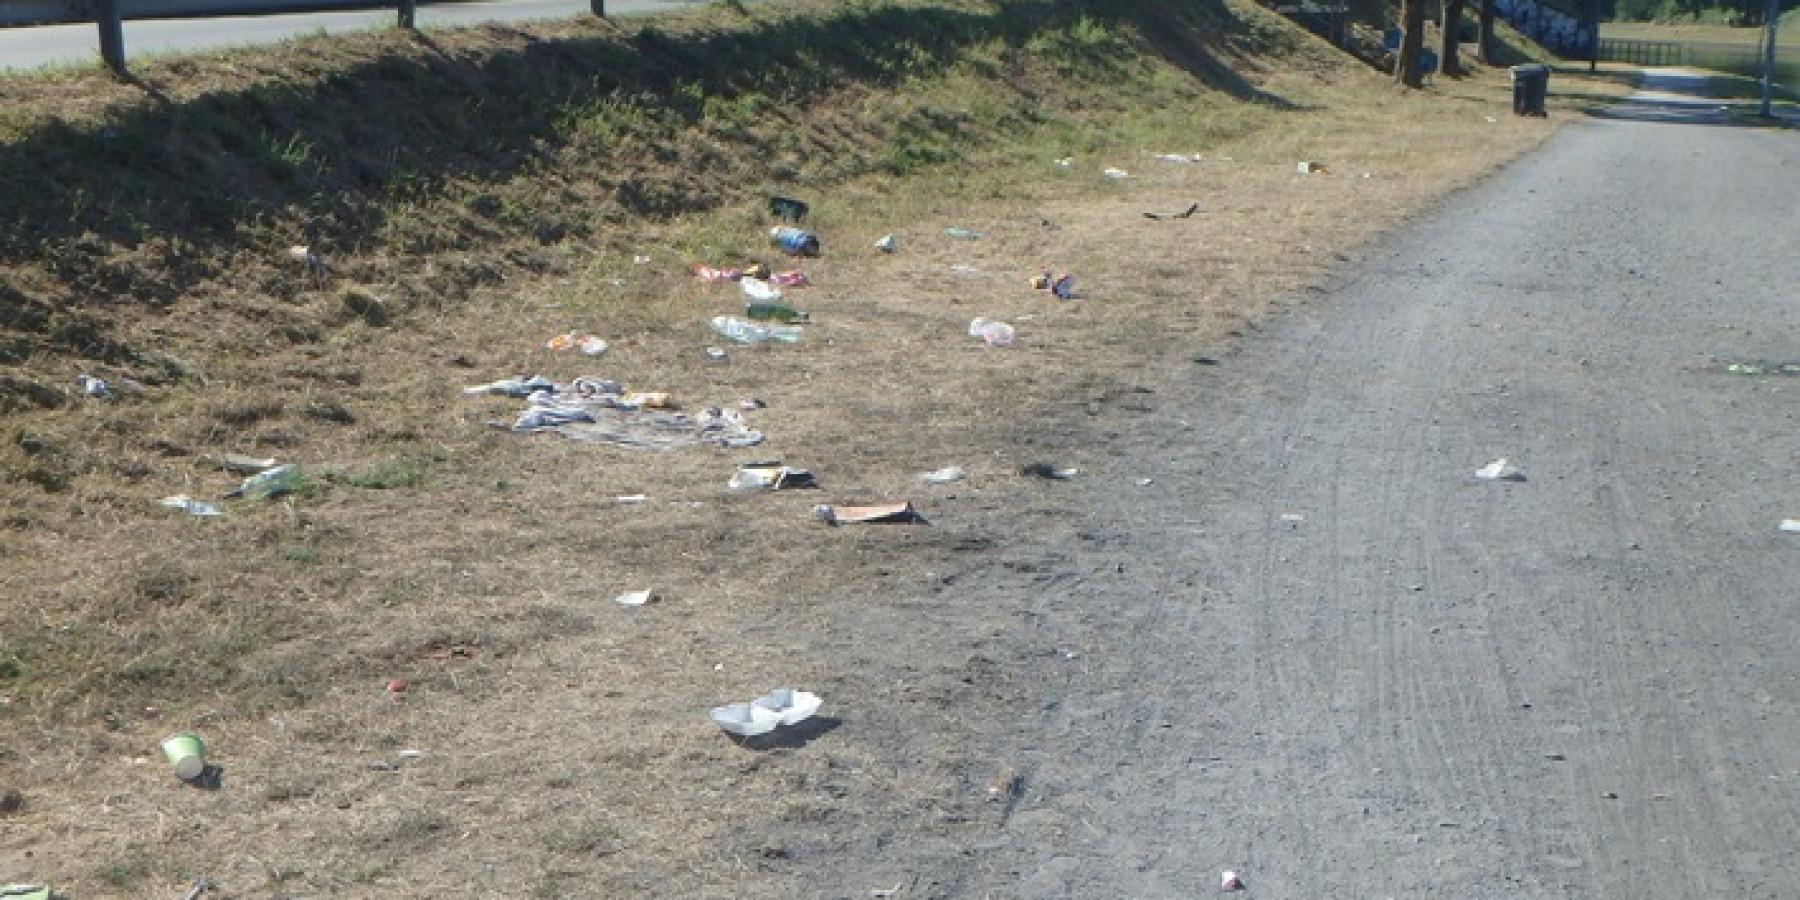 Wasserschutzpolizei zieht Bilanz – Hitze, Ferien, Corona